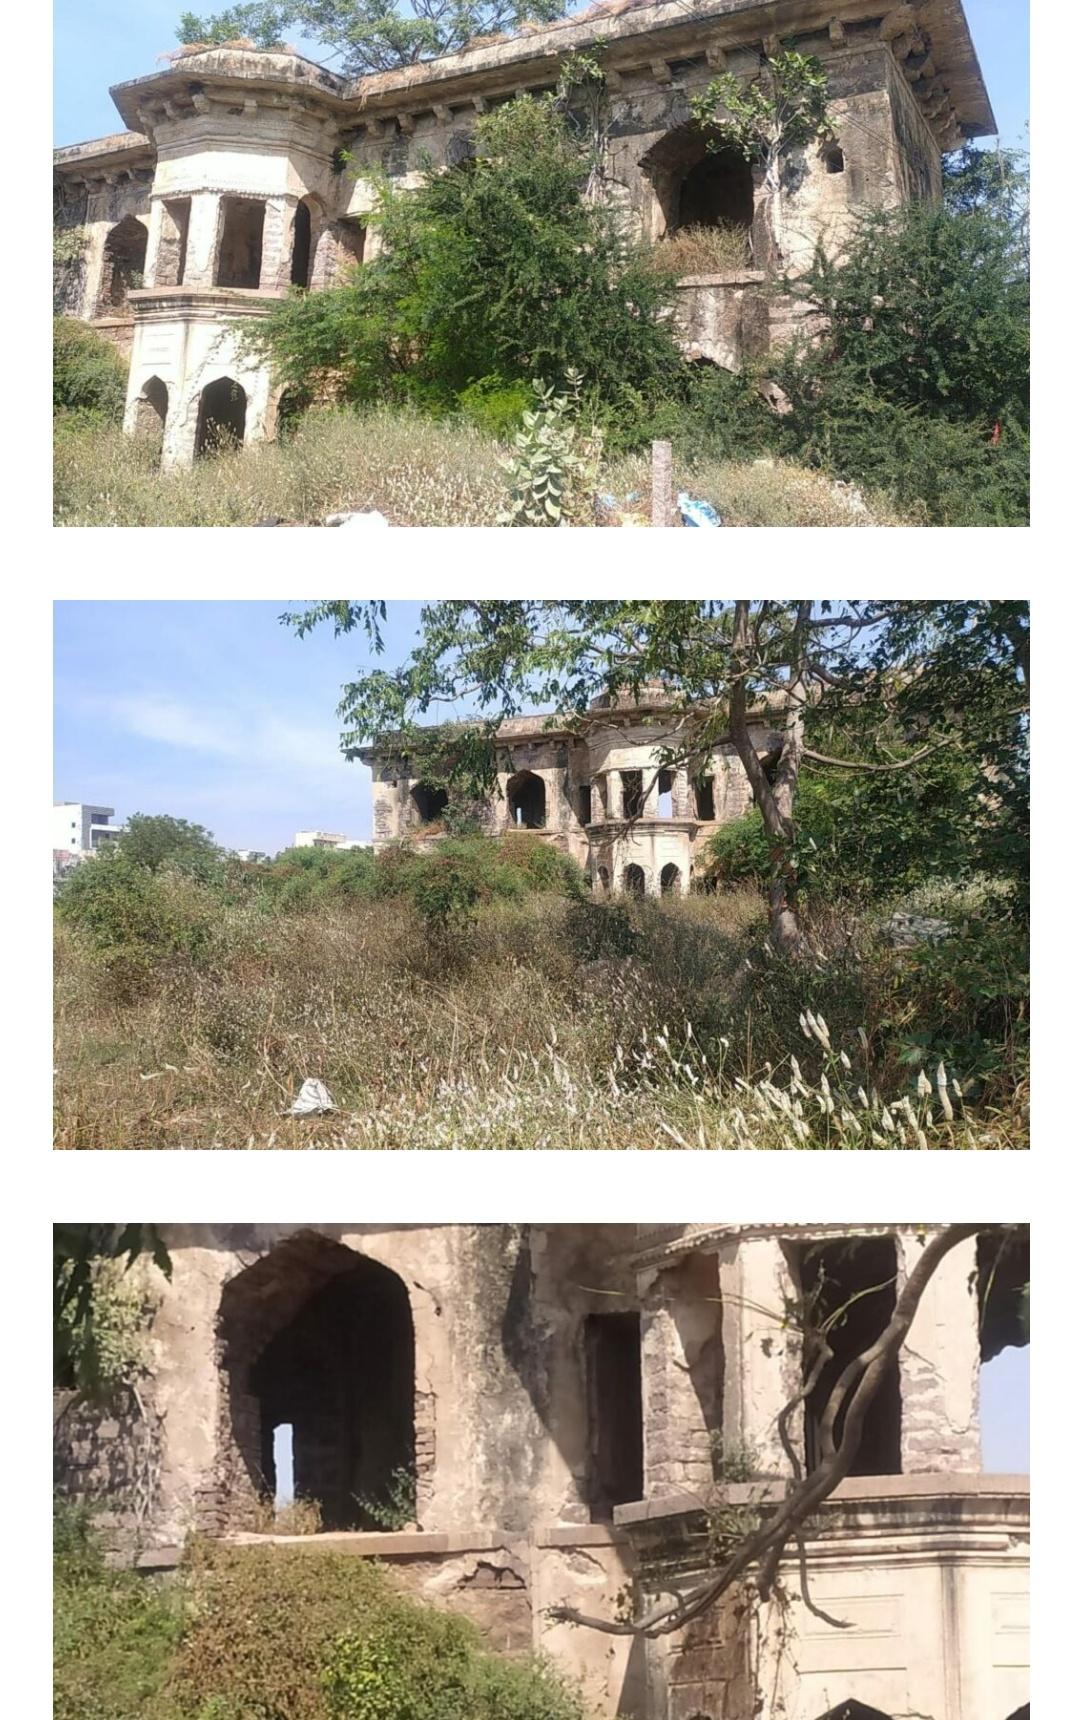 हैदराबाद के 300 वर्षीय मुशाल महल को तत्काल ध्यान देने की आवश्यकता है! 1